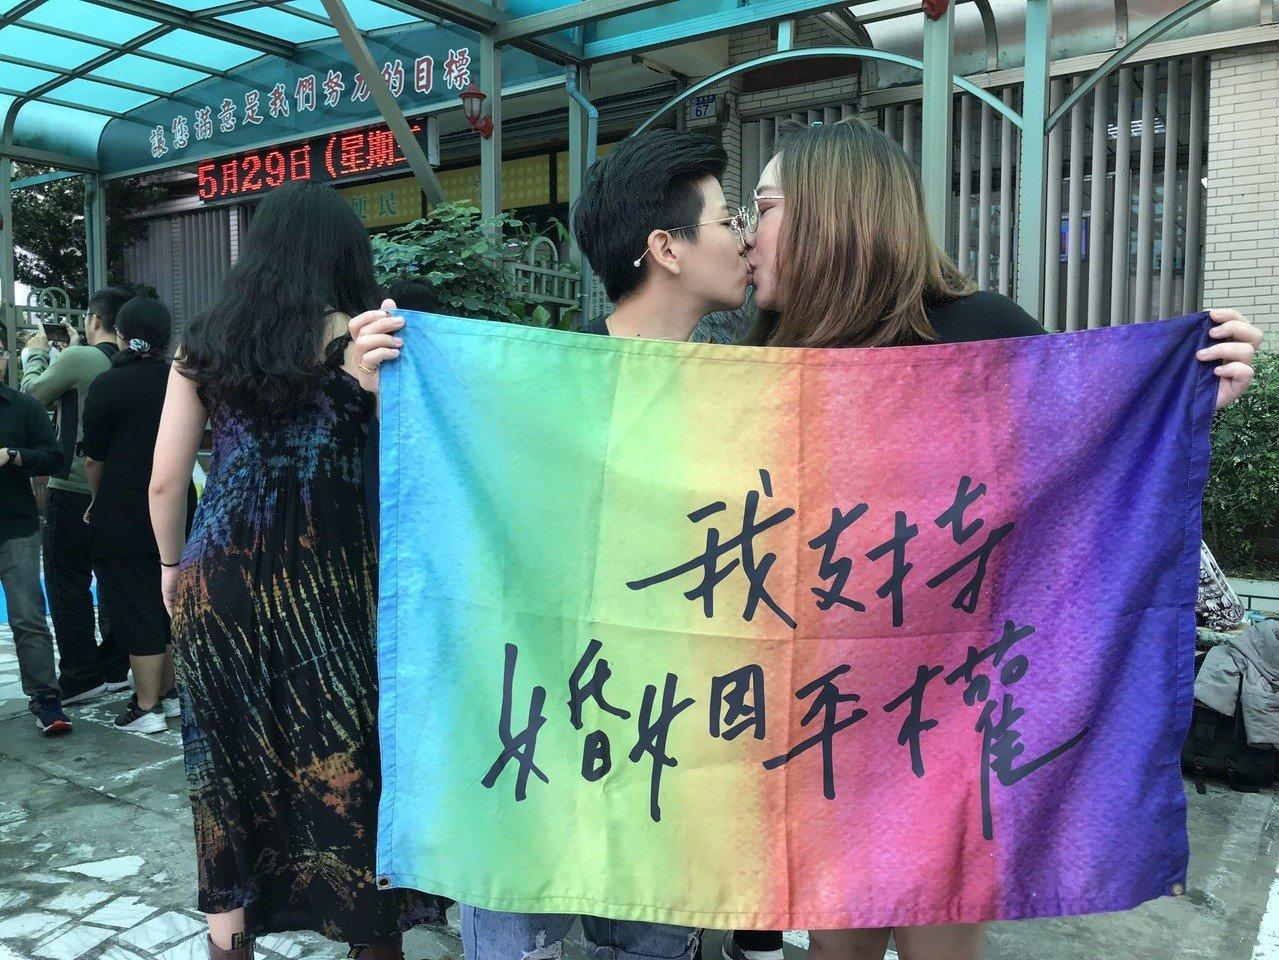 花蓮新人小溫(左)與小恩溫馨一吻,互許終身。記者王燕華/攝影